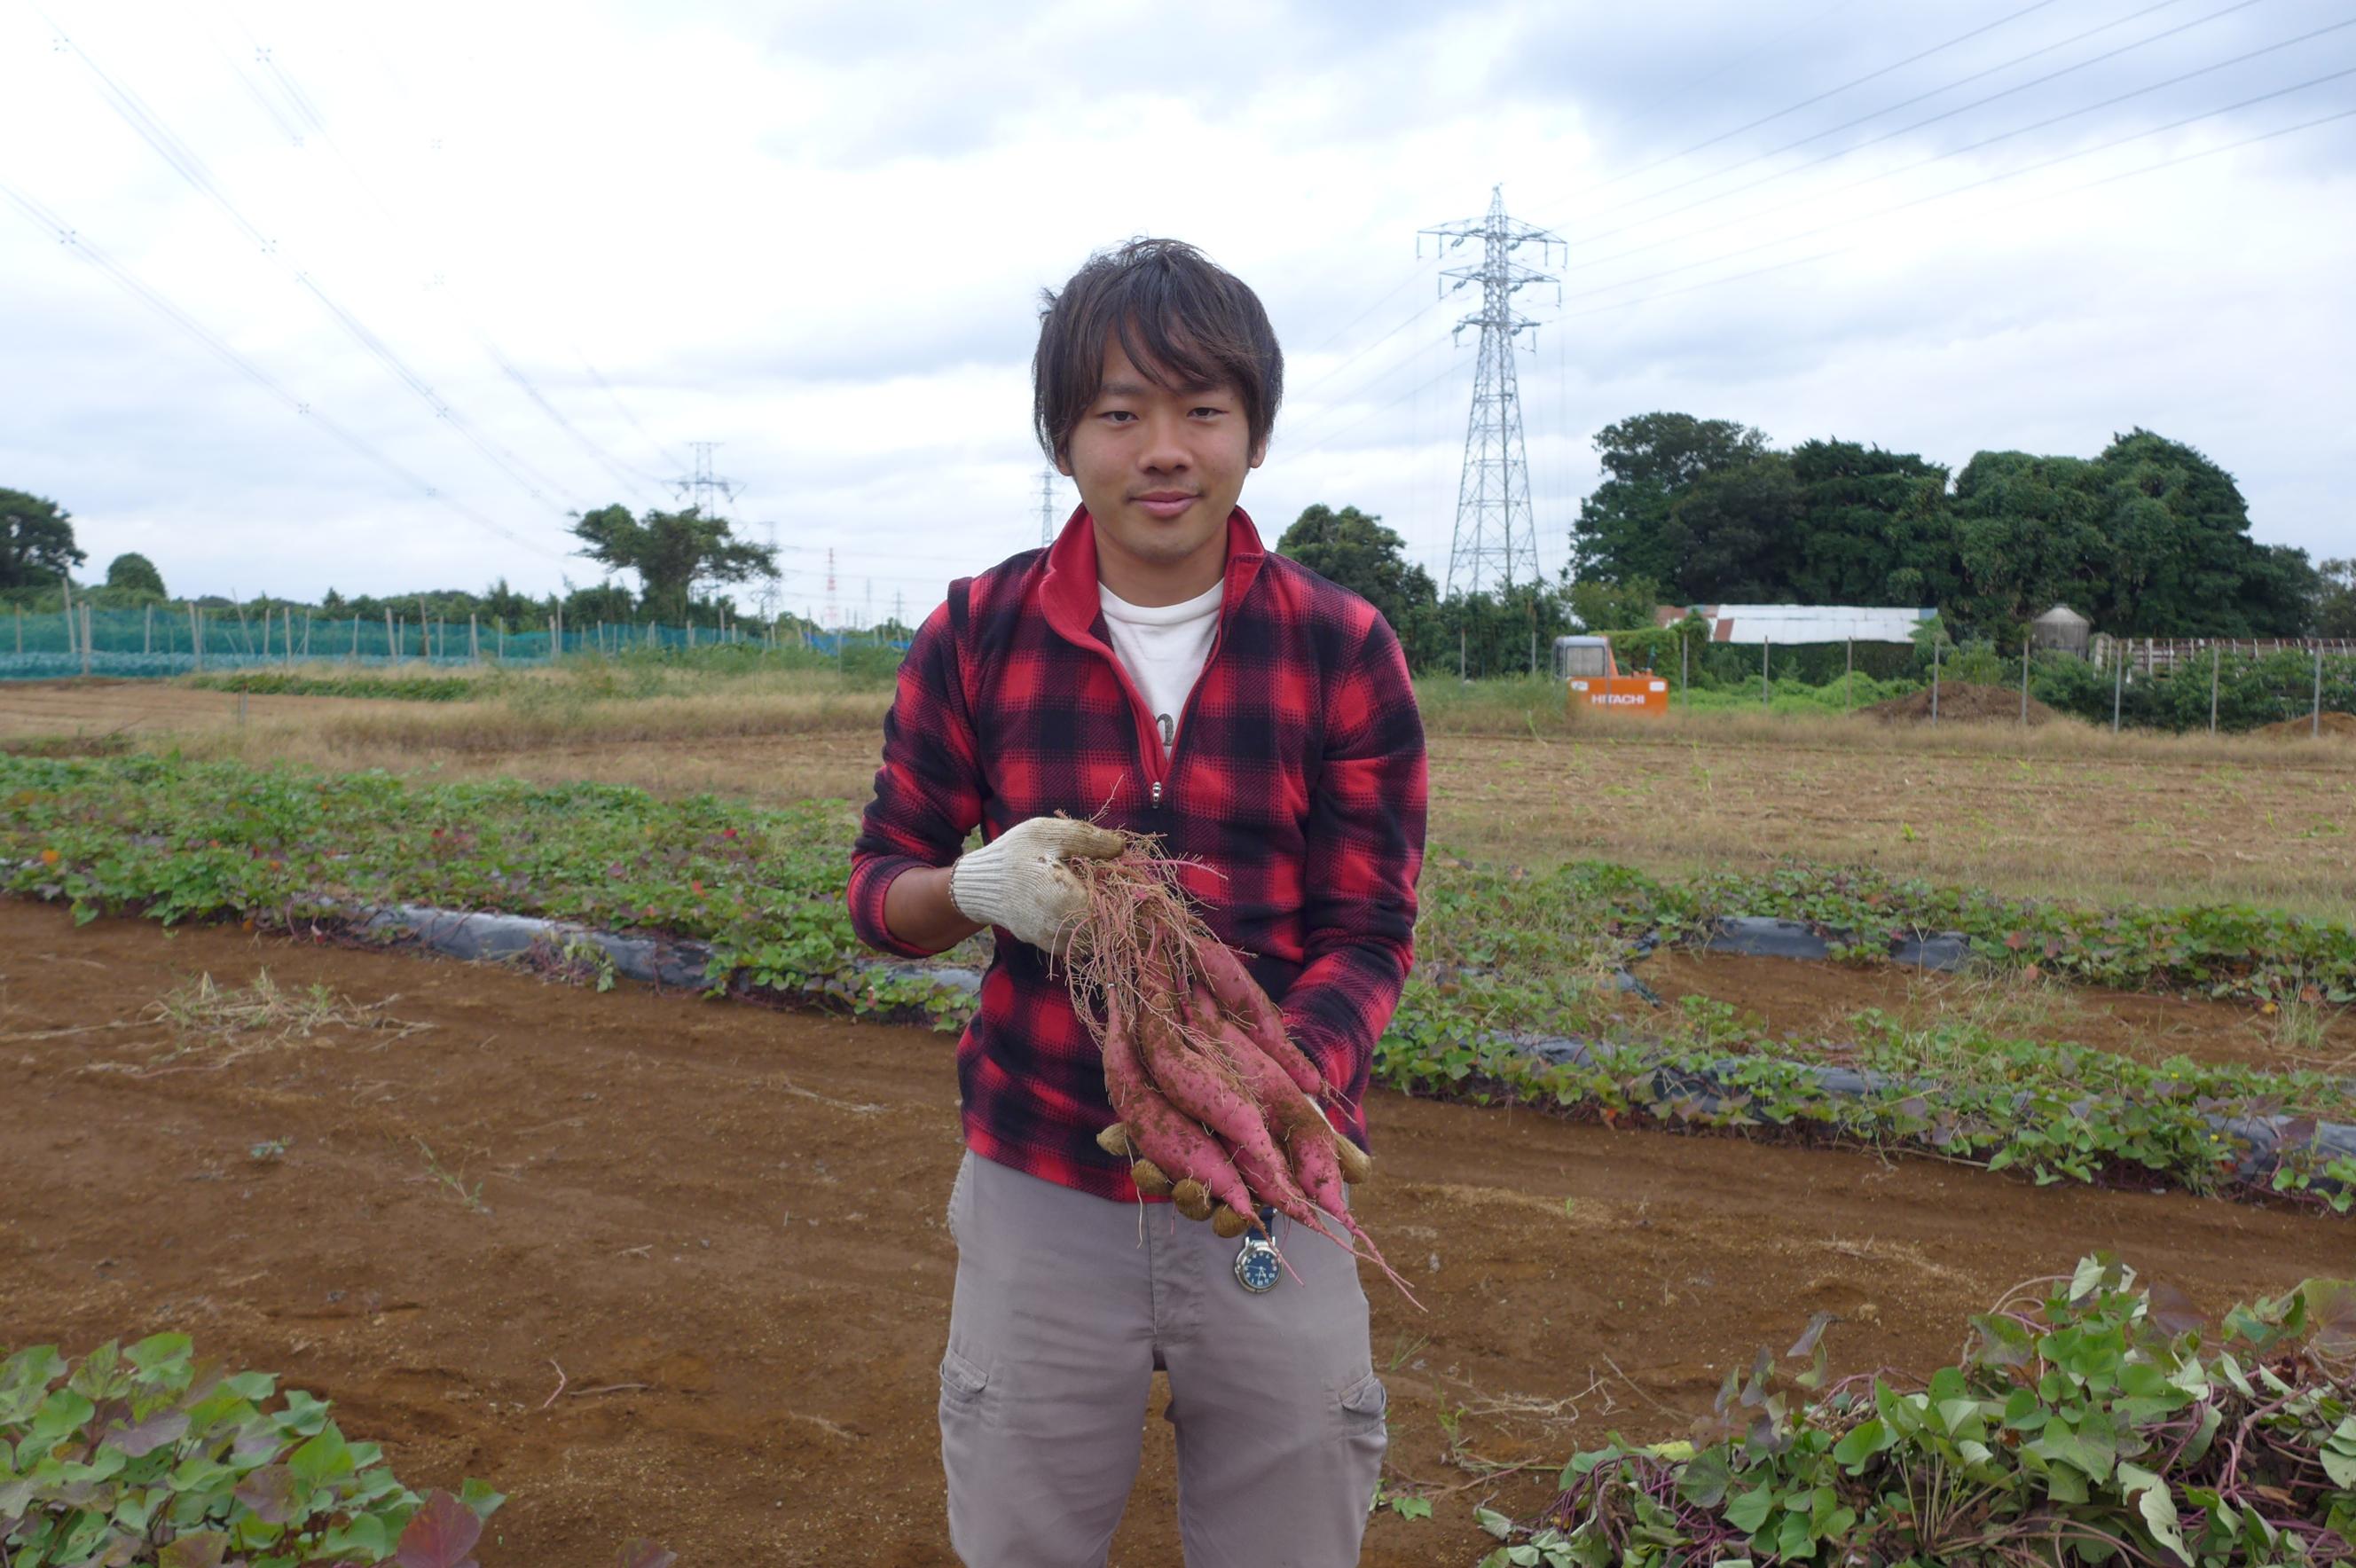 「横浜から世界に向けて日本の食文化を伝えたい」横山四季彩園 – 横山 拓巳(よこやま たくみ)さん